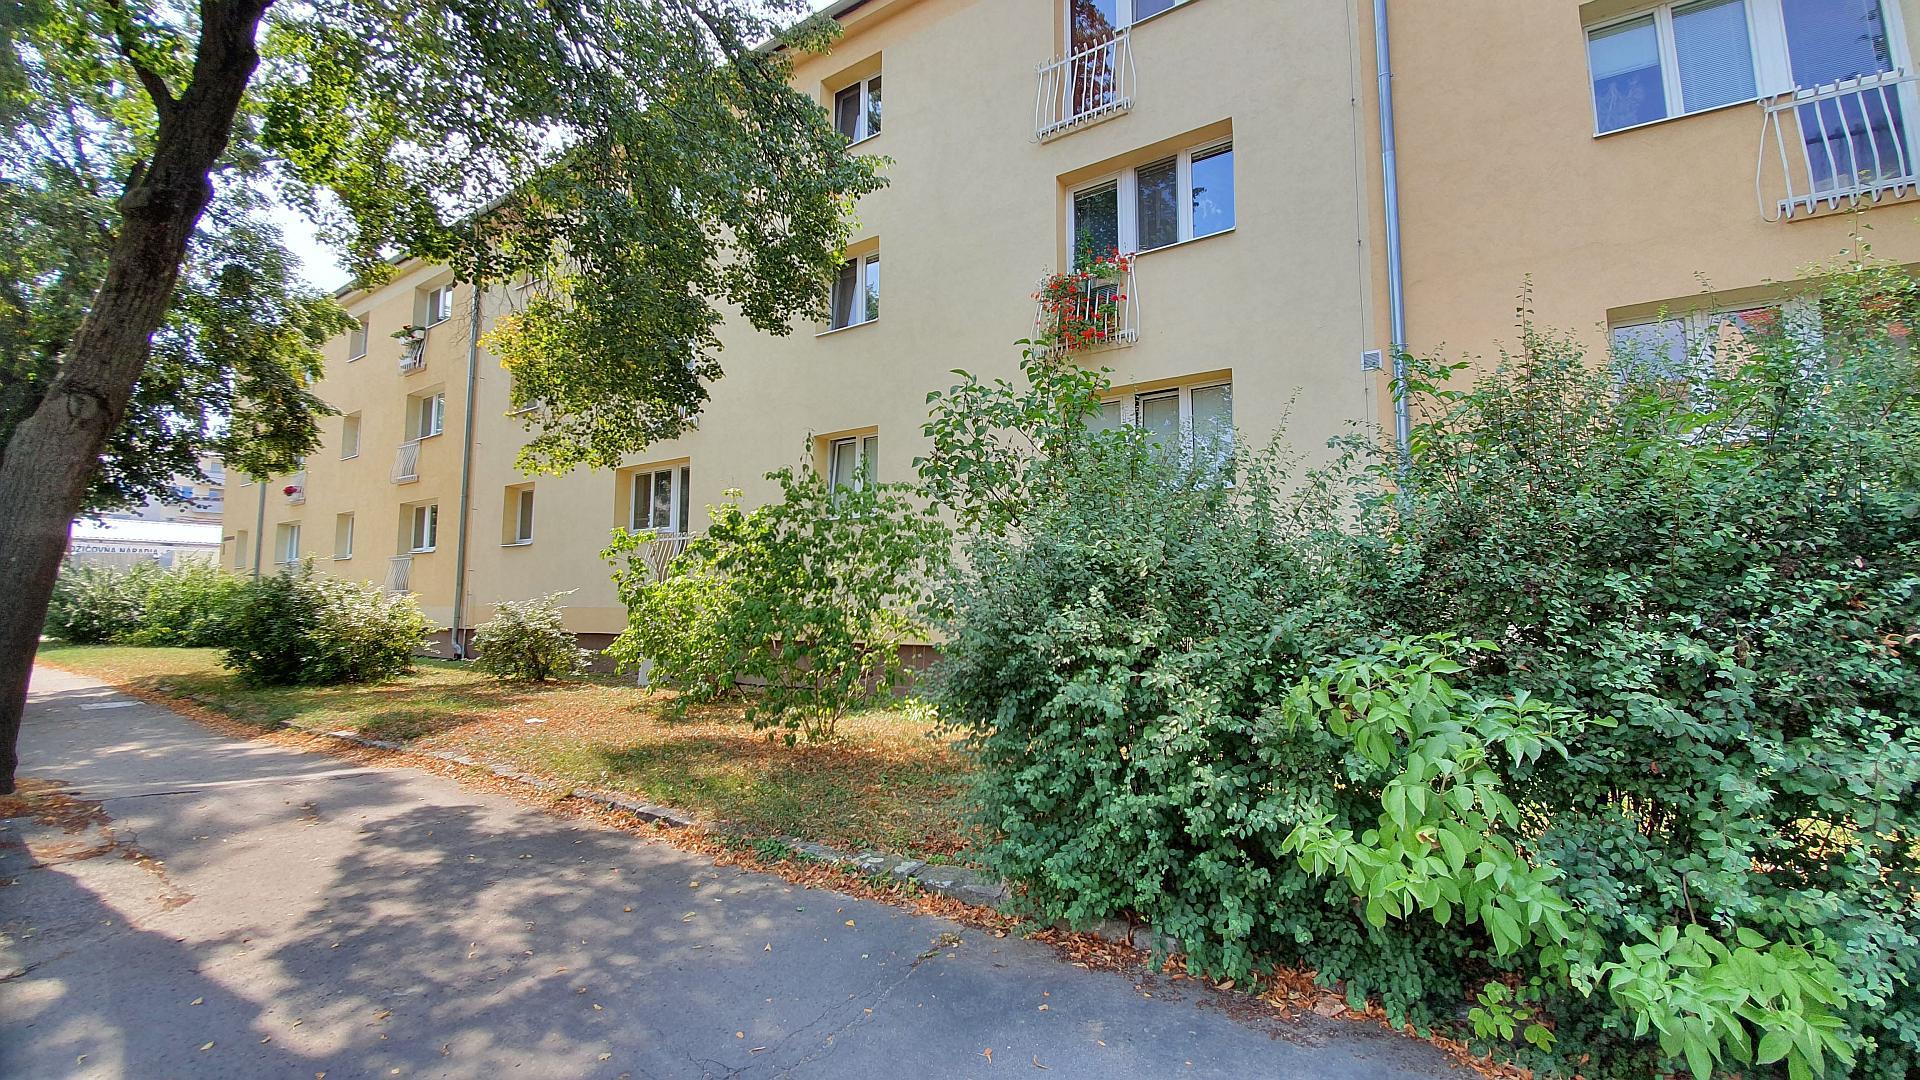 Väčší dvojizbový byt v tehlovom bytovom dome